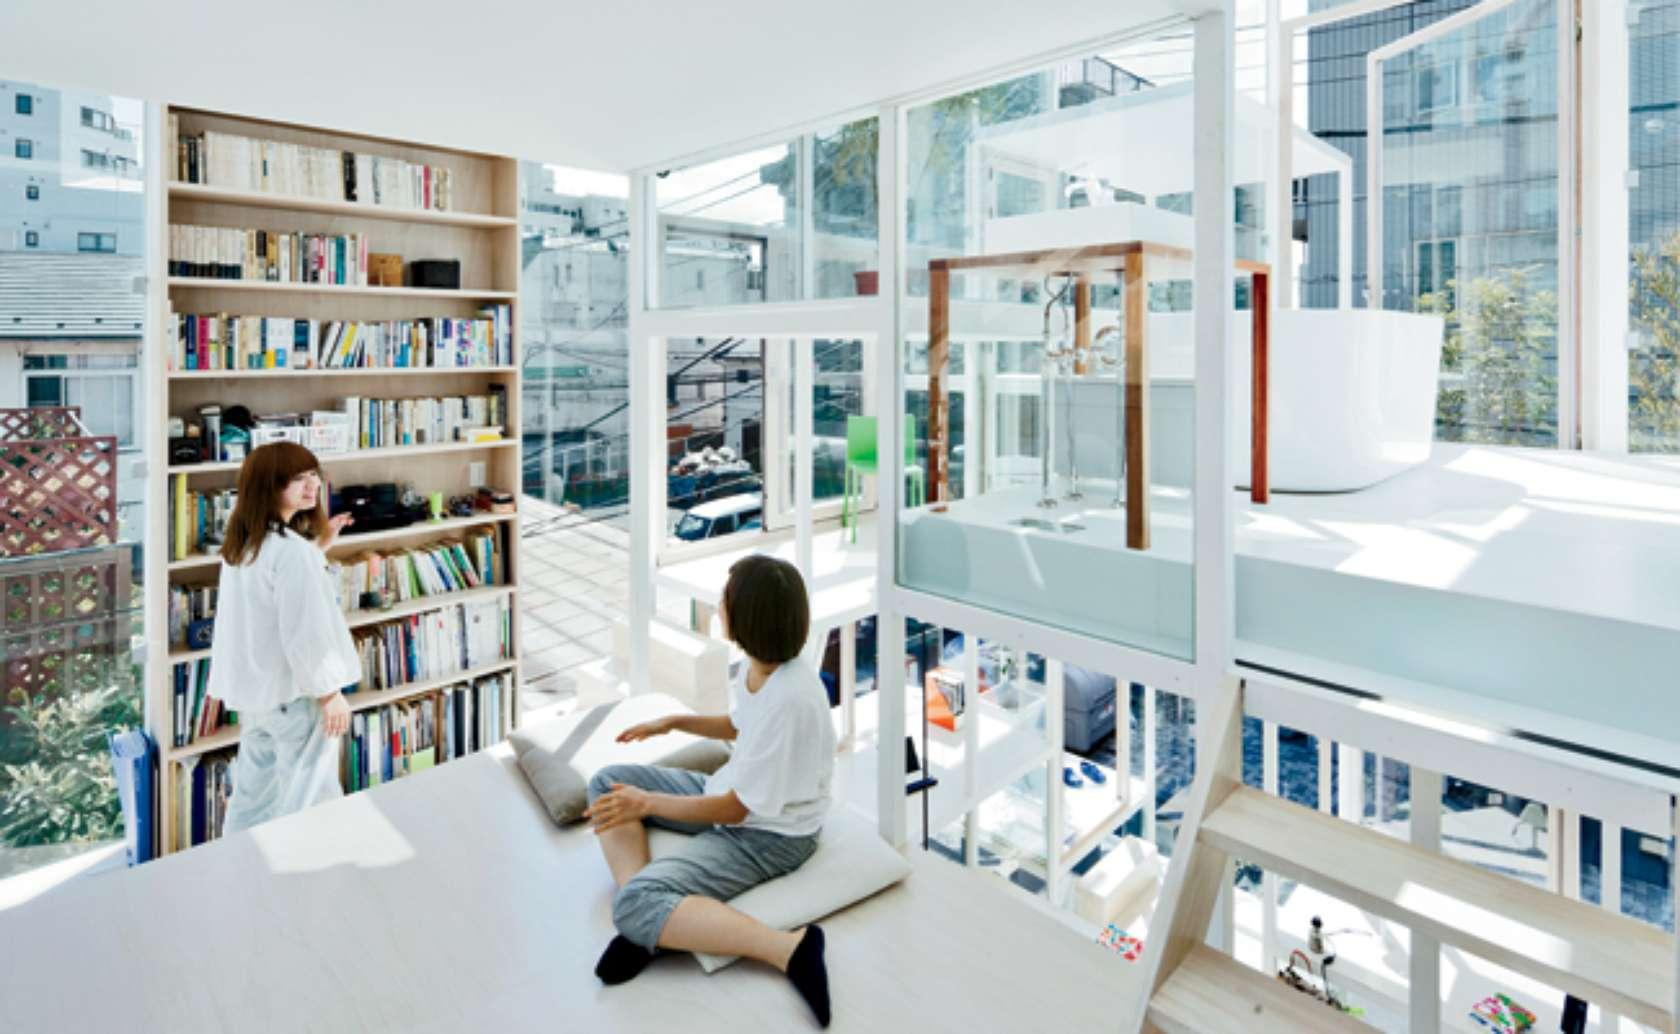 House Na Architizer